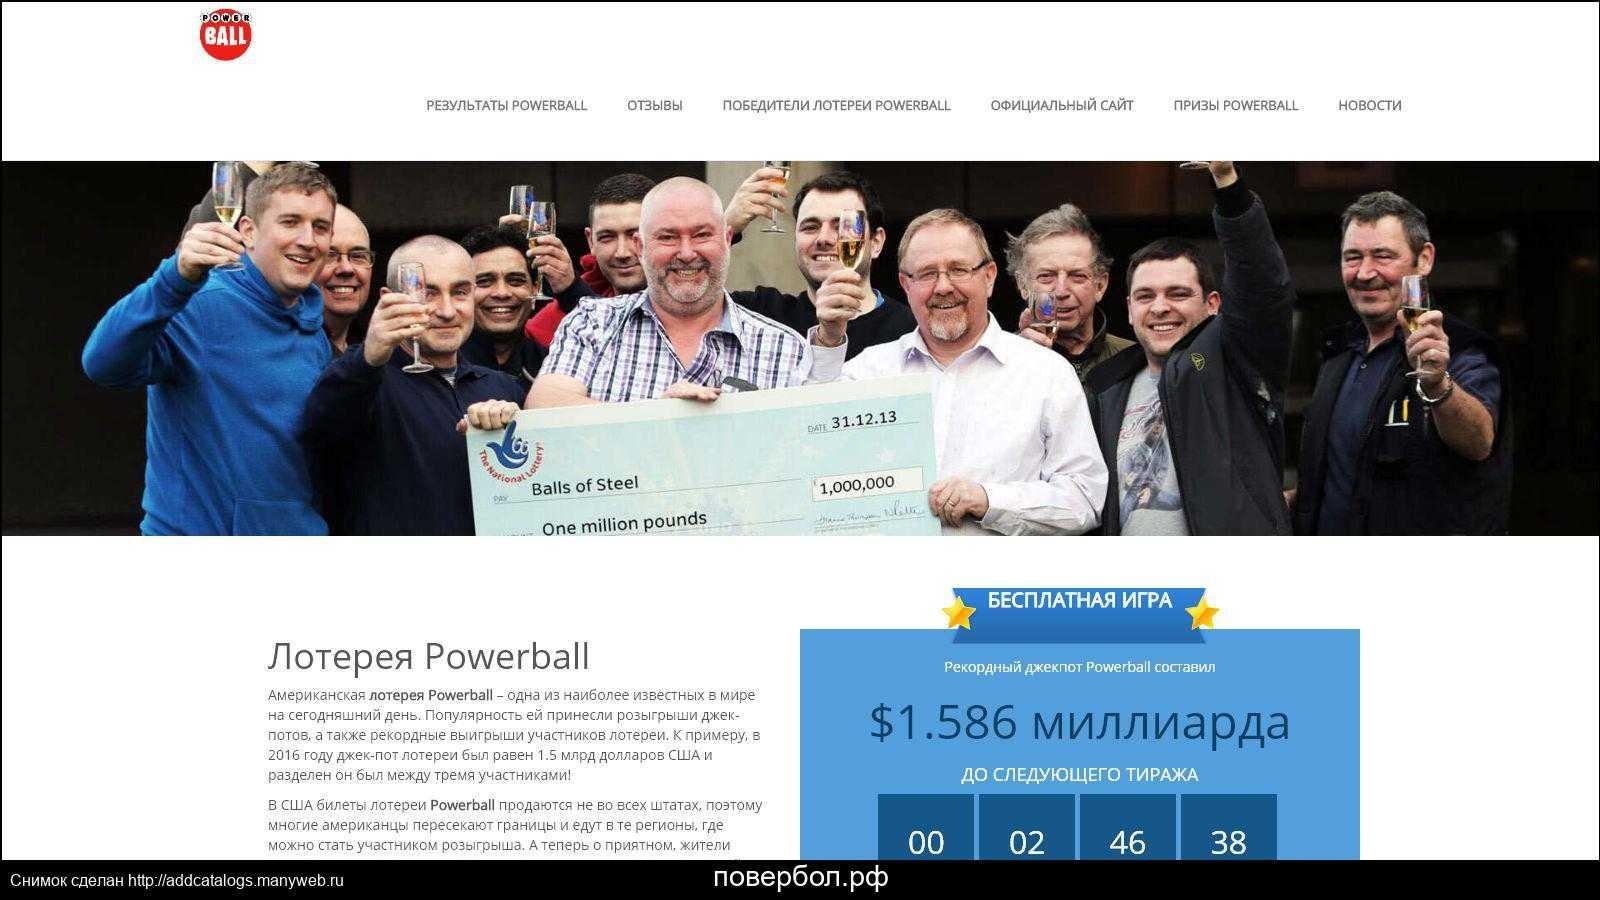 Powerball (avustralya) - powerball (australia) - qwe.wiki